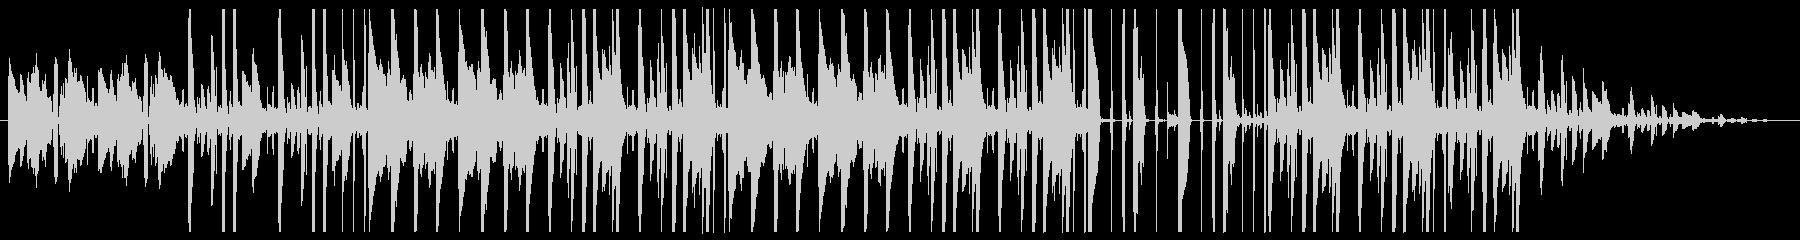 オシャレ・カフェ・チルアウトの未再生の波形